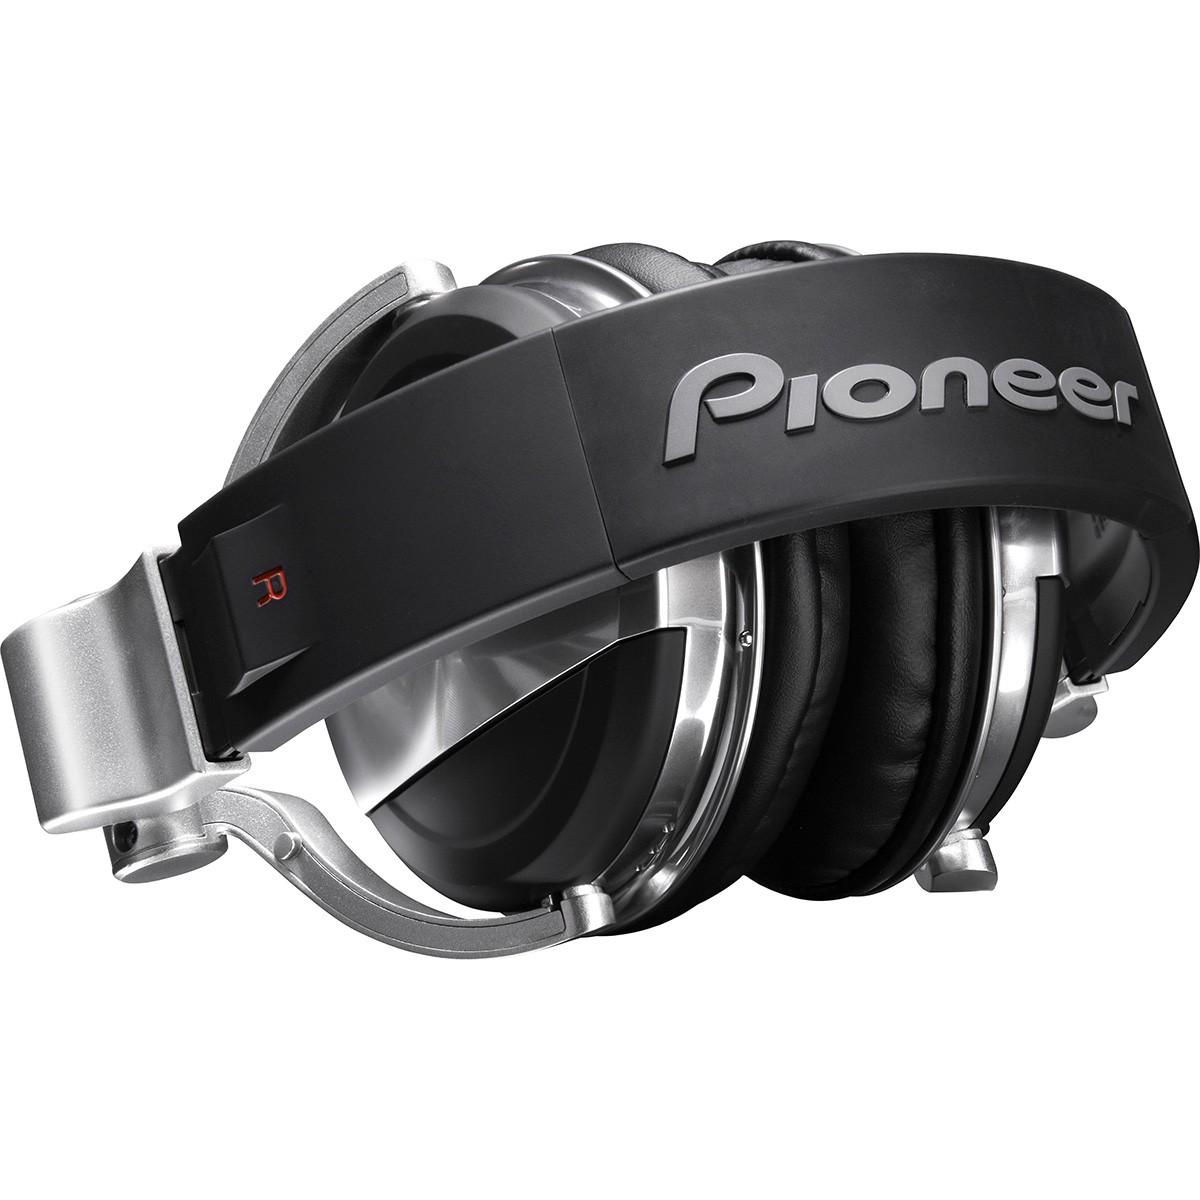 Pioneer HDJ-1500 Fone para Dj, Prata